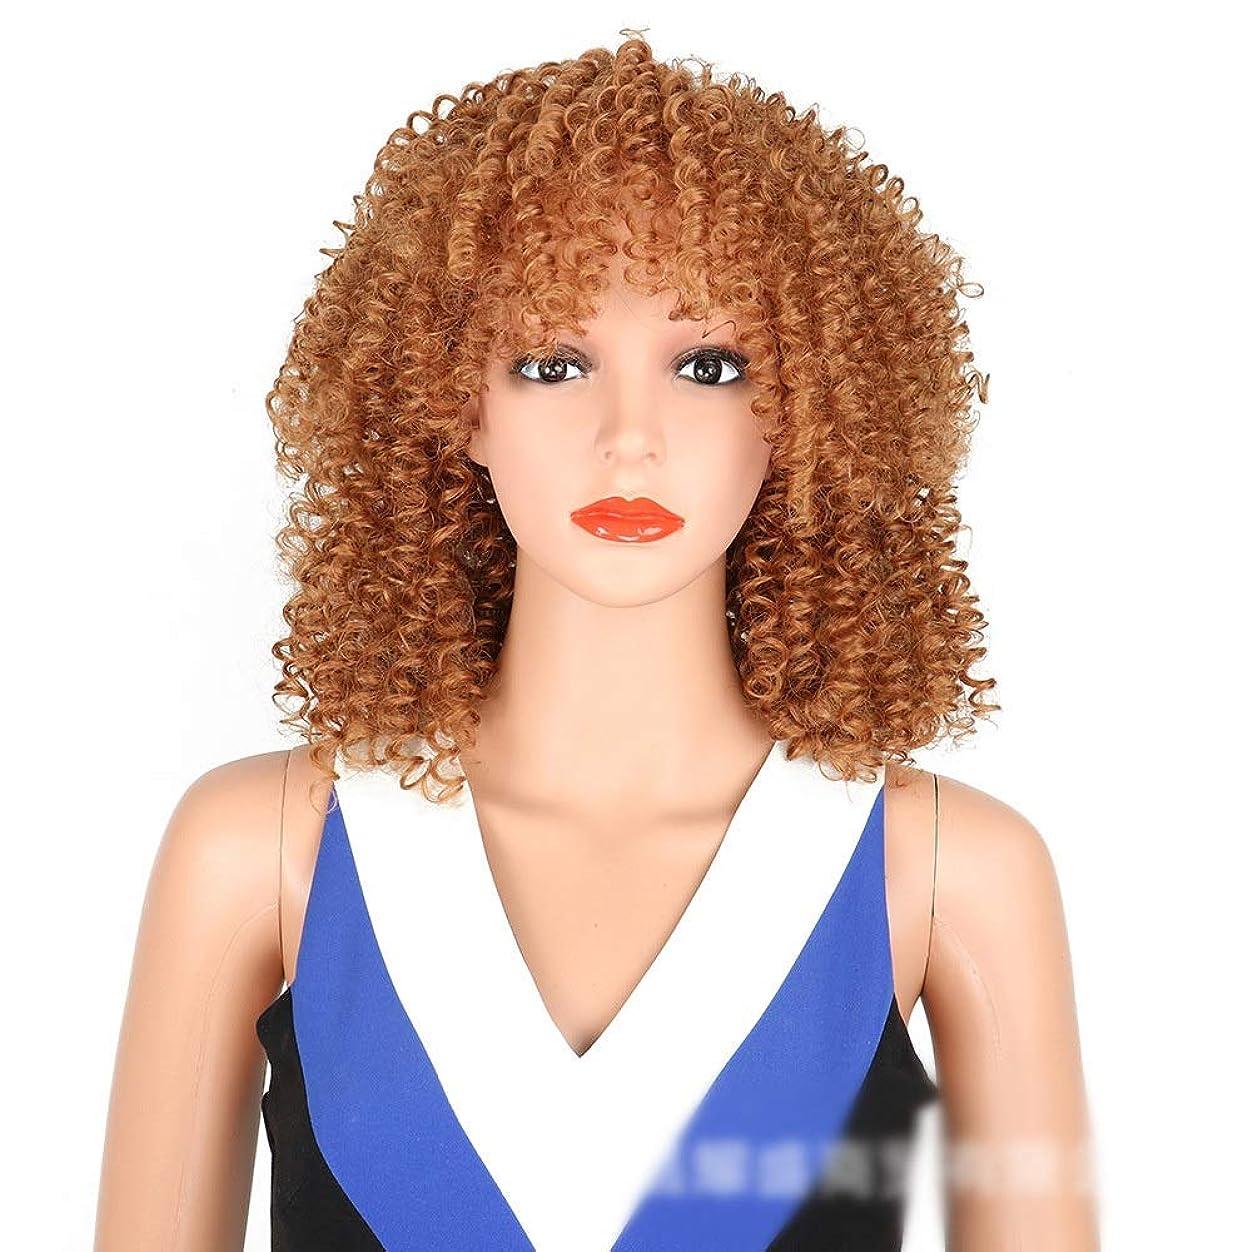 すり減る信条複数HOHYLLYA アフリカの黒人女性の前髪爆発ヘッドの小さな巻き毛のかつらコスプレパーティードレスパーティーかつら (色 : ブラウン)